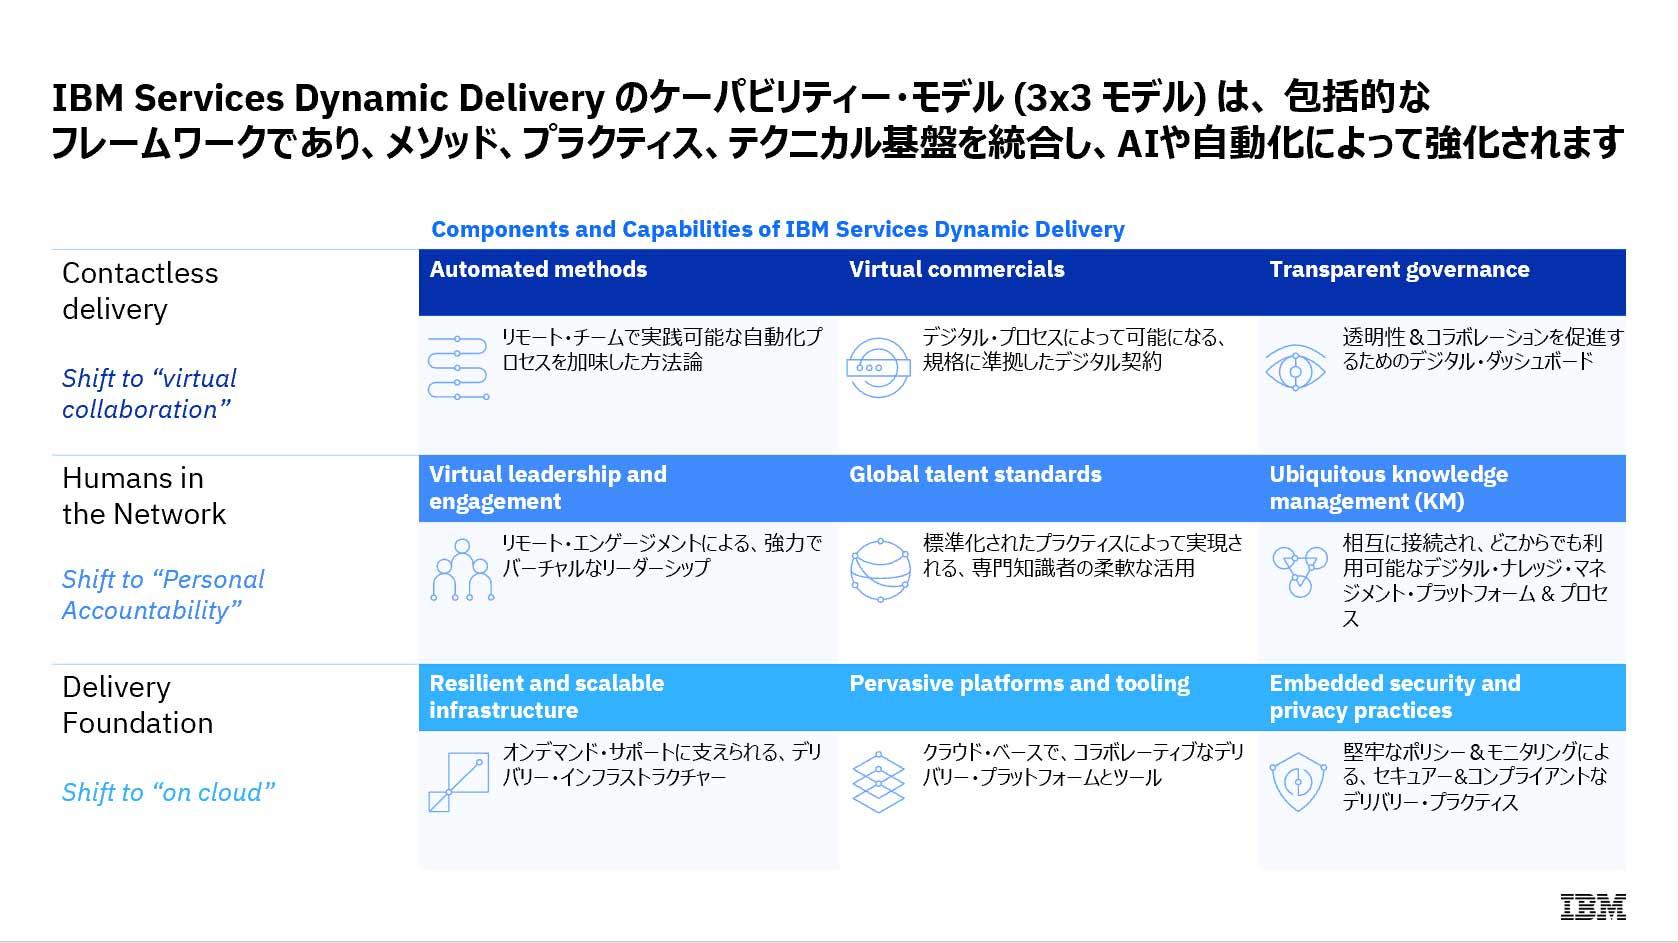 IBM Services Dynamic Delivery のケーパビリティー・モデル (3x3 モデル) は、 包括的なフレームワークであり、メソッド、プラクティス、テクニカル基盤を統合し、AIや自動化によって強化されます